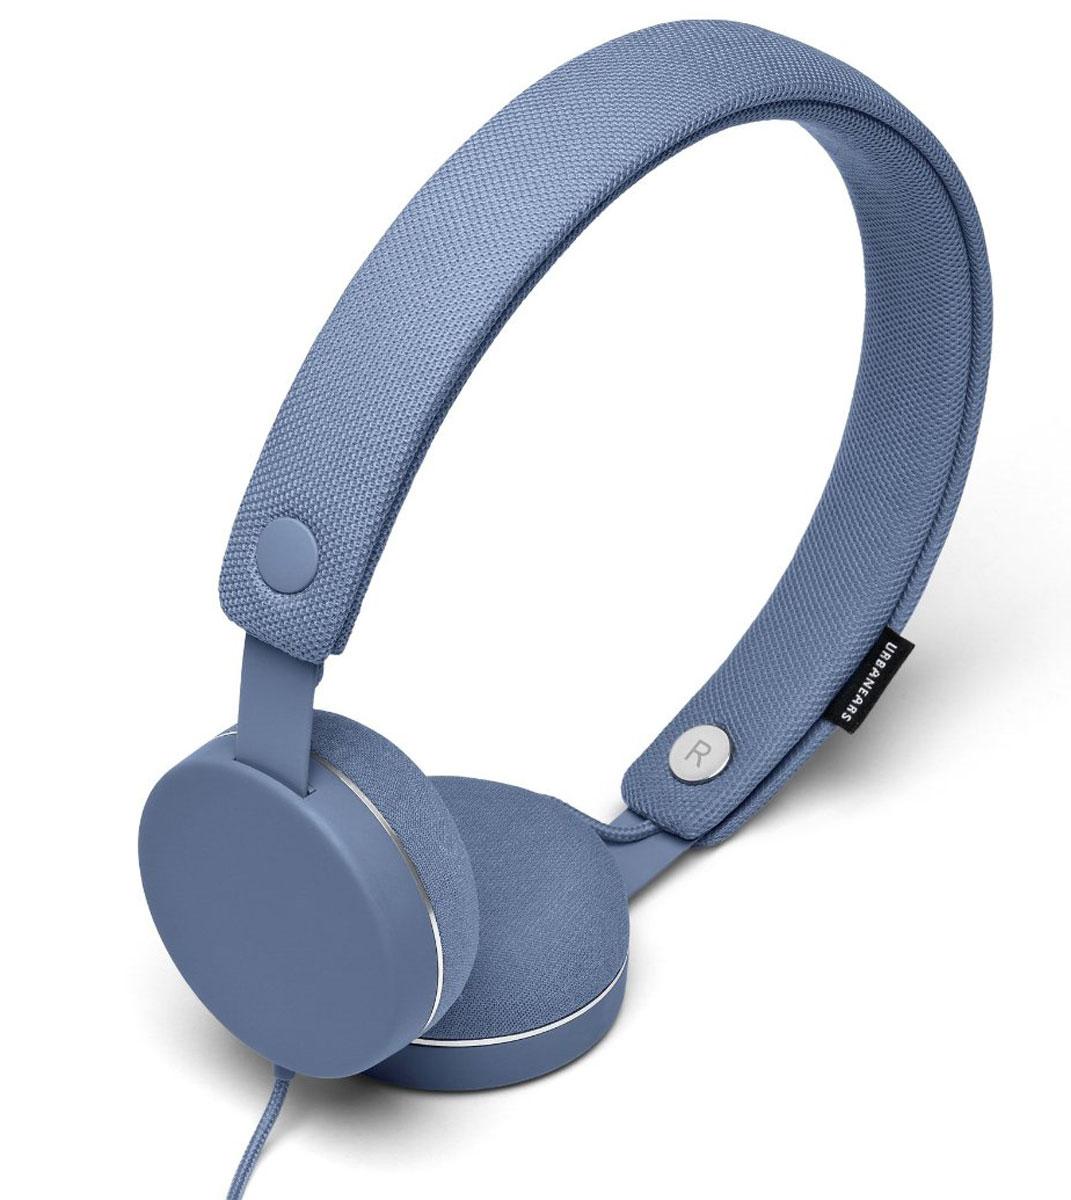 Urbanears Humlan, Sea Grey наушники15118181Urbanears Humlan - это накладные наушники с богатым динамичным звуком, которым вы можете поделиться с другими посредством разъёма ZoundPlug. Отличительной чертой Humlan являются съёмные оголовье и амбушюры, которые можно стирать. У наушников также есть традиционные для Urbanears микрофон и пульт управления приёмом звонков. Humlan - всегда свежие впечатления даже от знакомой музыки! ZoundPlug - это разъём, позволяющий поделиться вашей музыкой с другом. Просто подключите его наушники к вашим Humlan через свободный порт. Сегодня большинство плееров являются также и телефонами. Поэтому все наушники Urbanears имеют микрофон и пульт управления, с помощью которого можно принимать входящие звонки или переключать треки.